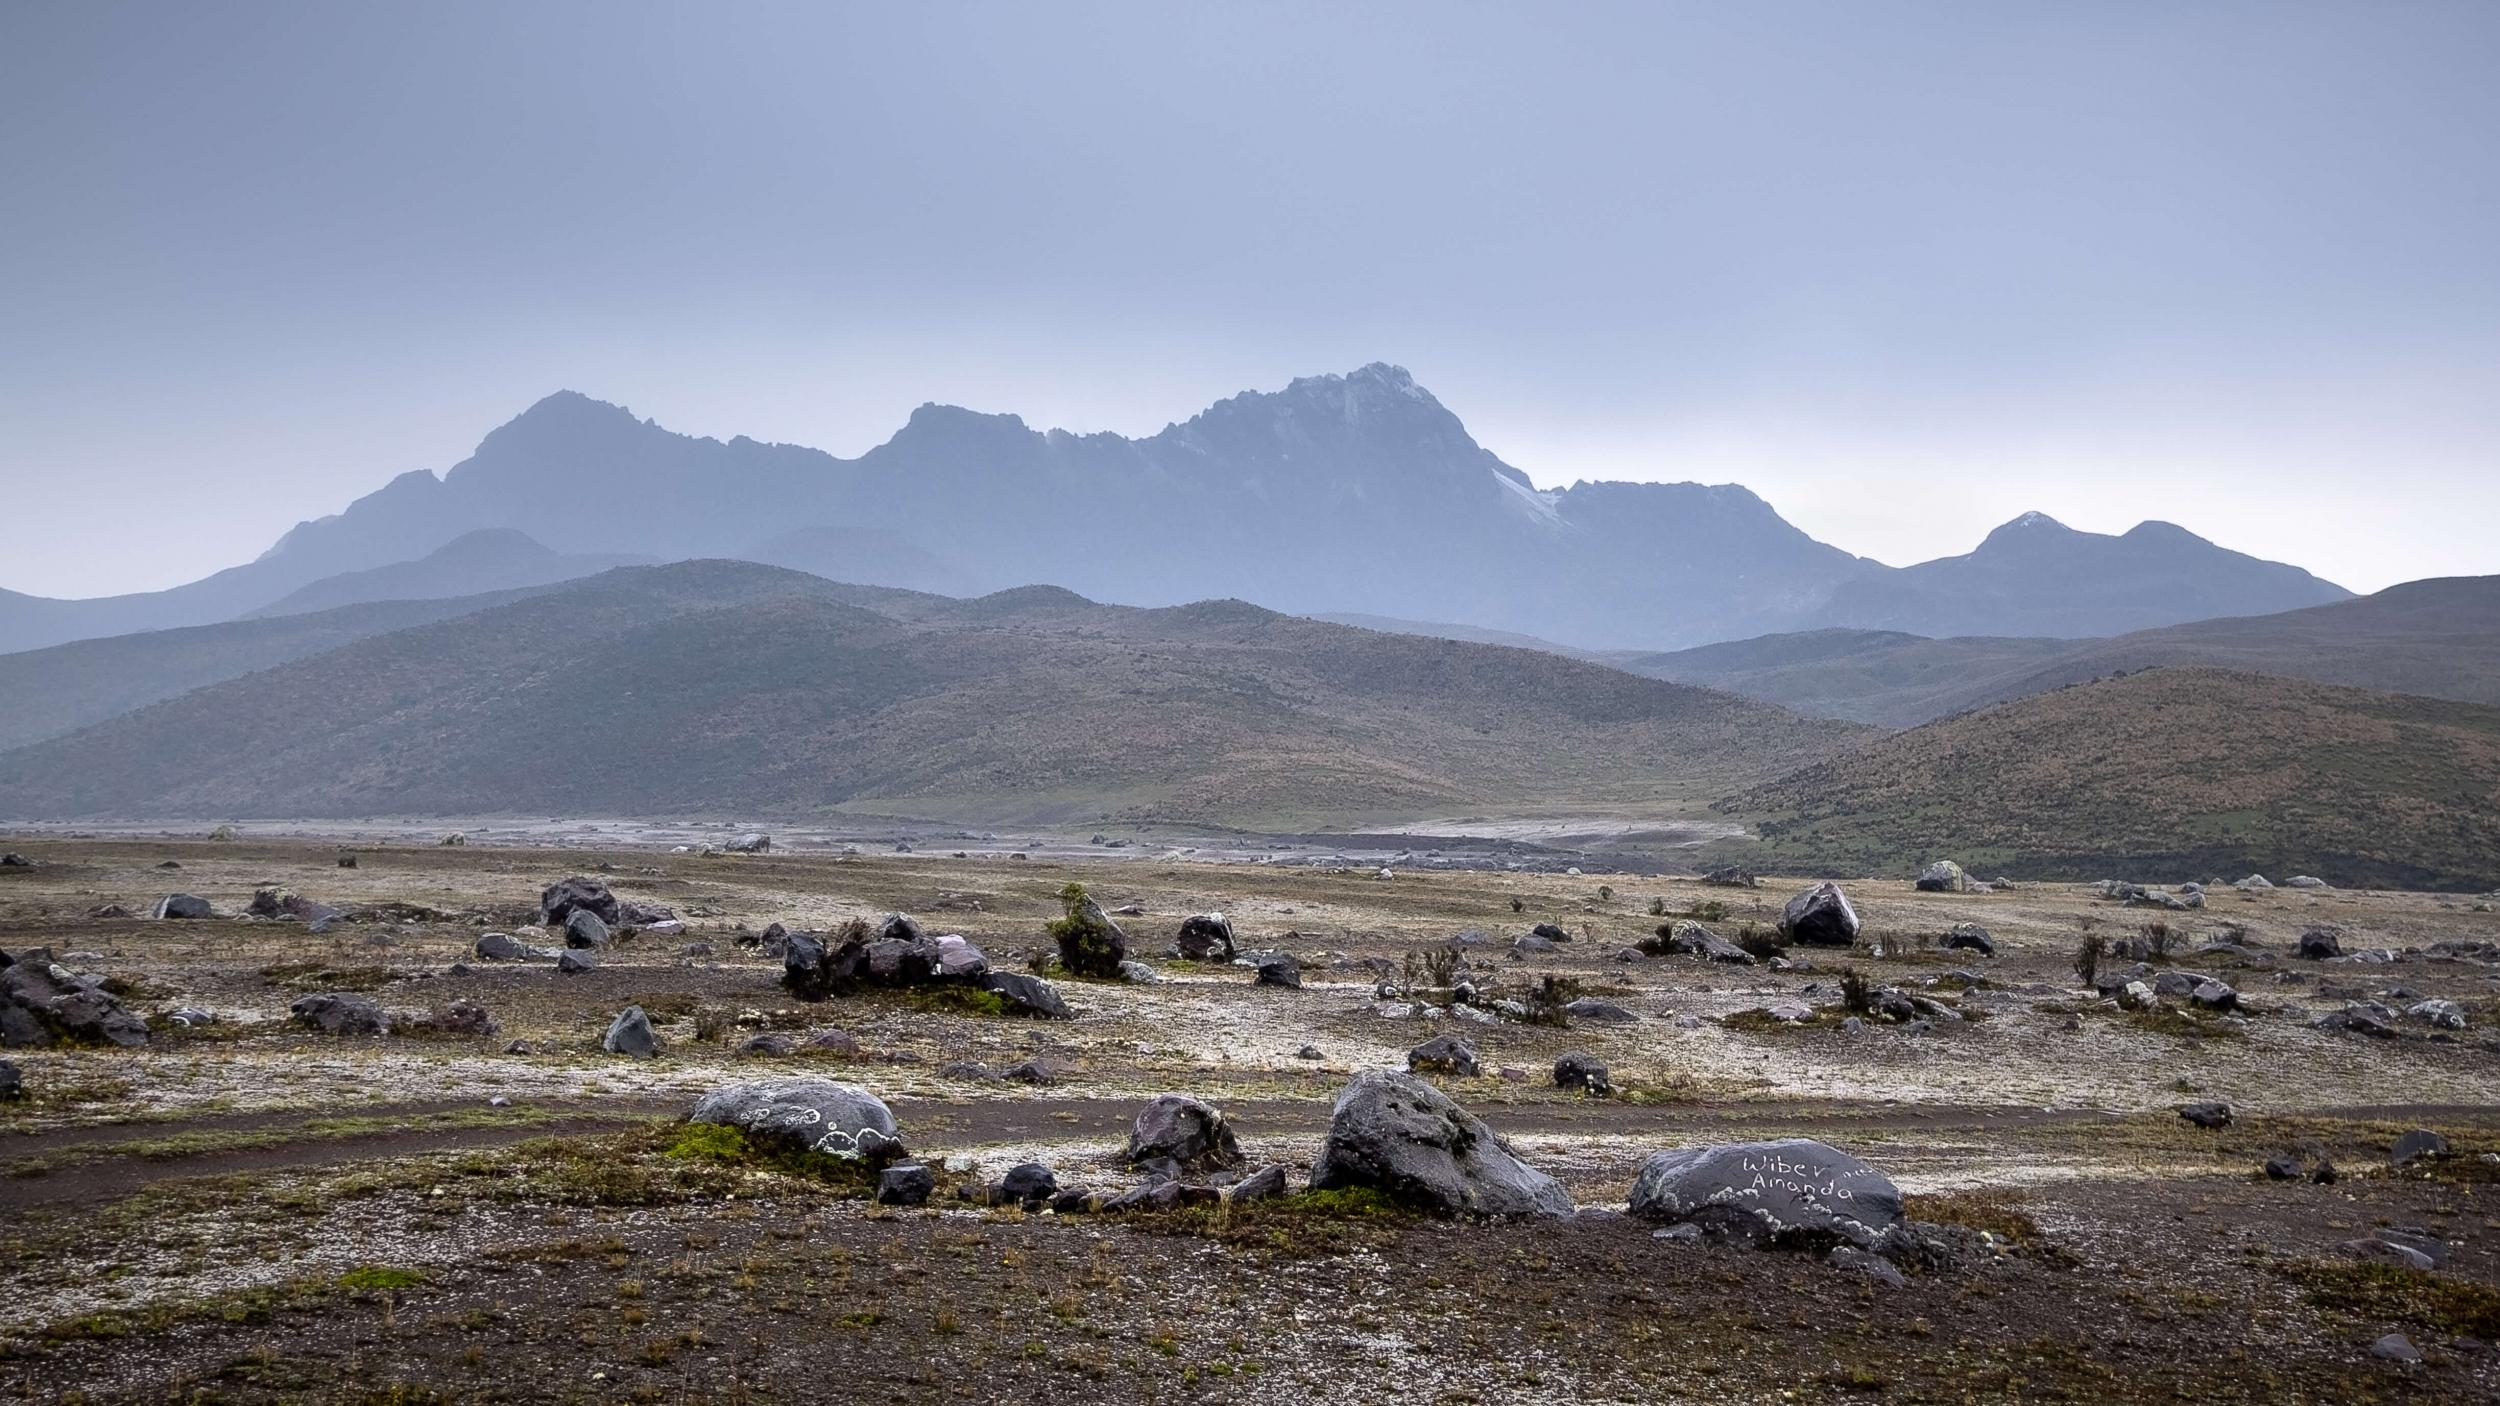 Cotopaxi, Volcan, Equateur, Parc National Cotopaxi, Rumiñahui, Voyage en Equateur, Blog Equateur, Blog voyage, Blog de photographie